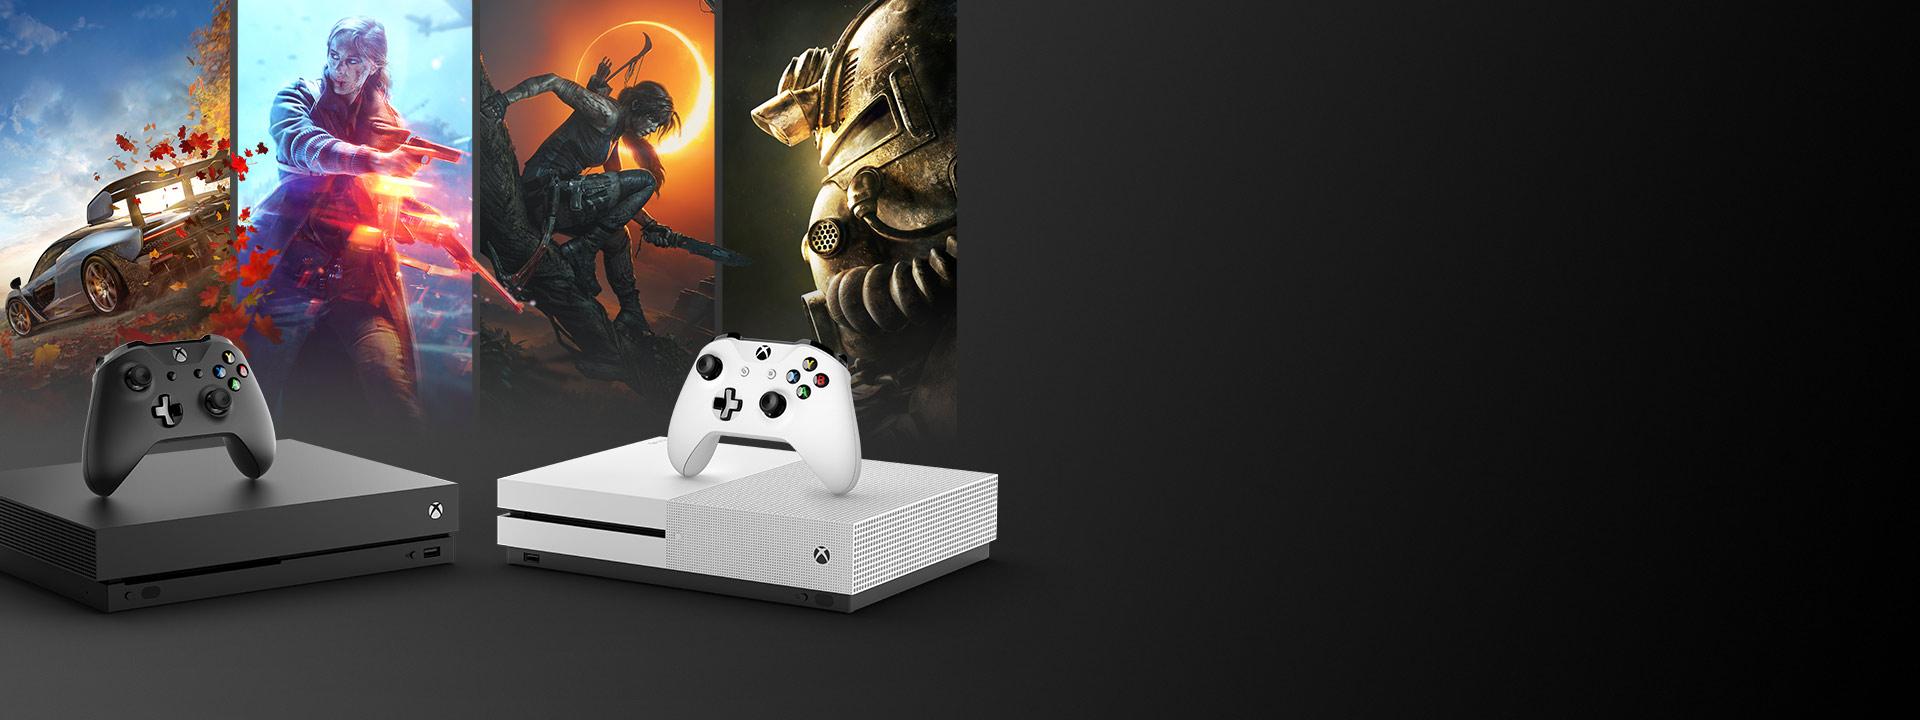 Xbox Official Site - Minecraft server erstellen xbox one